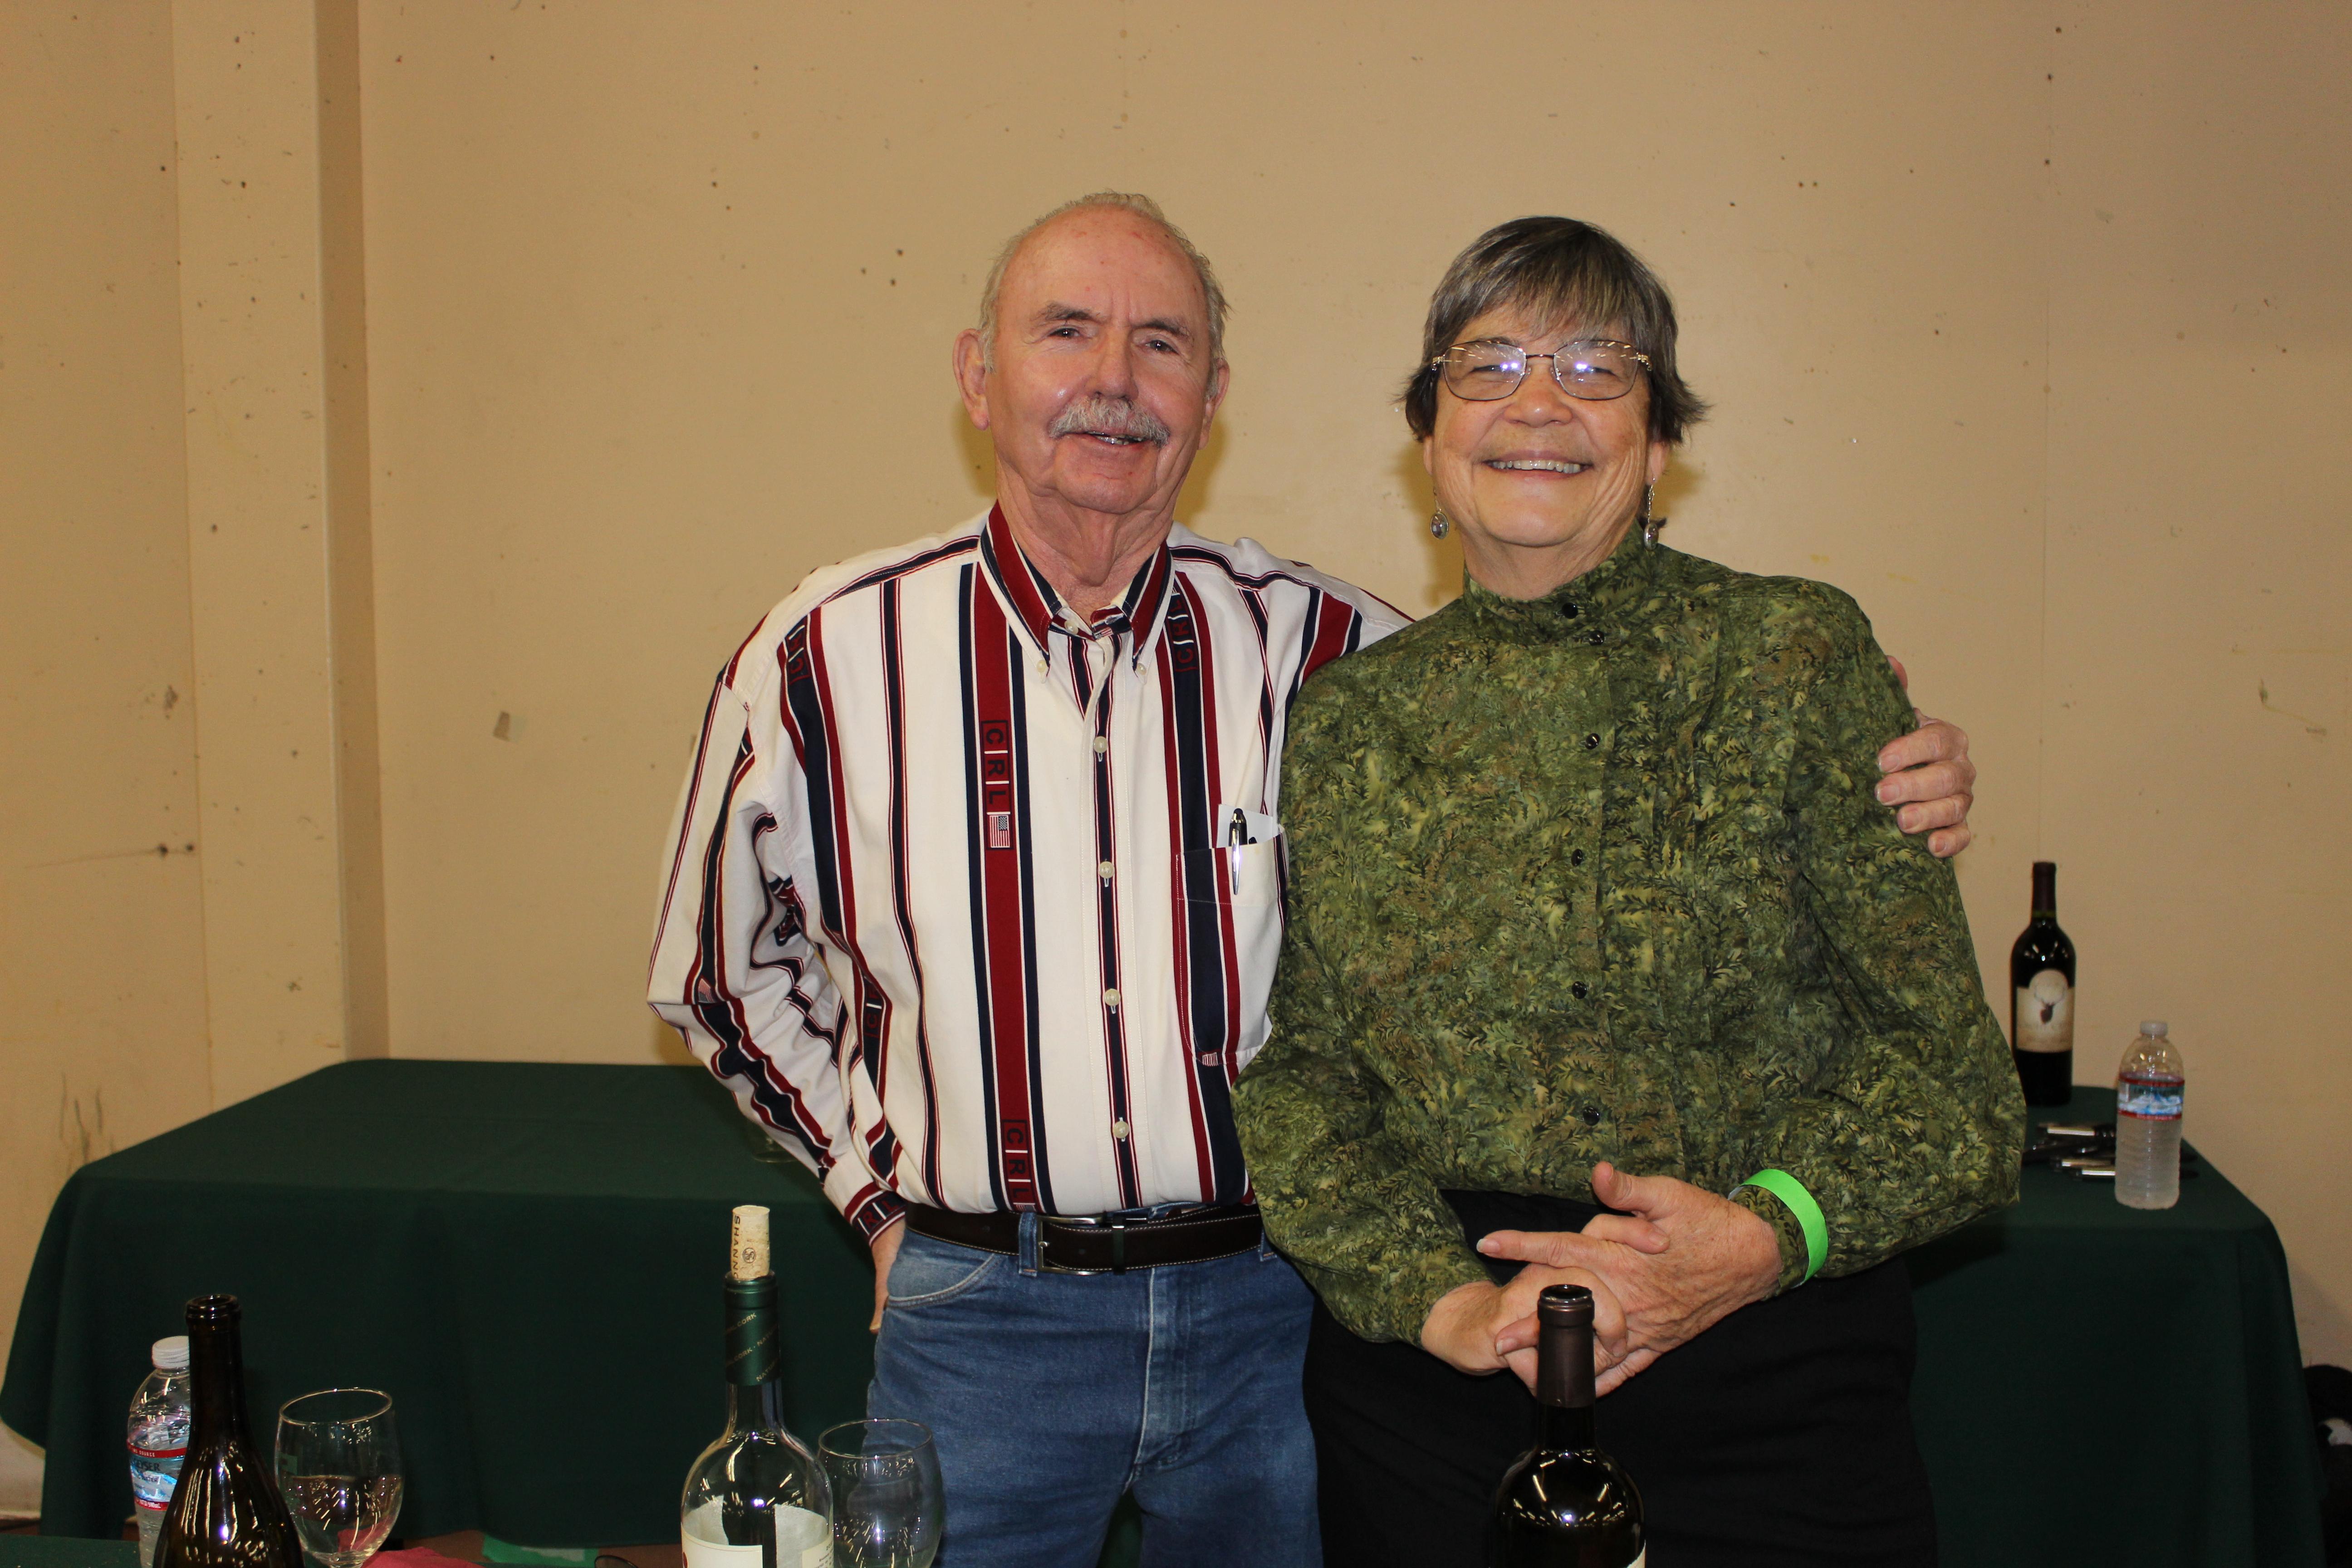 Chuck and Theresa